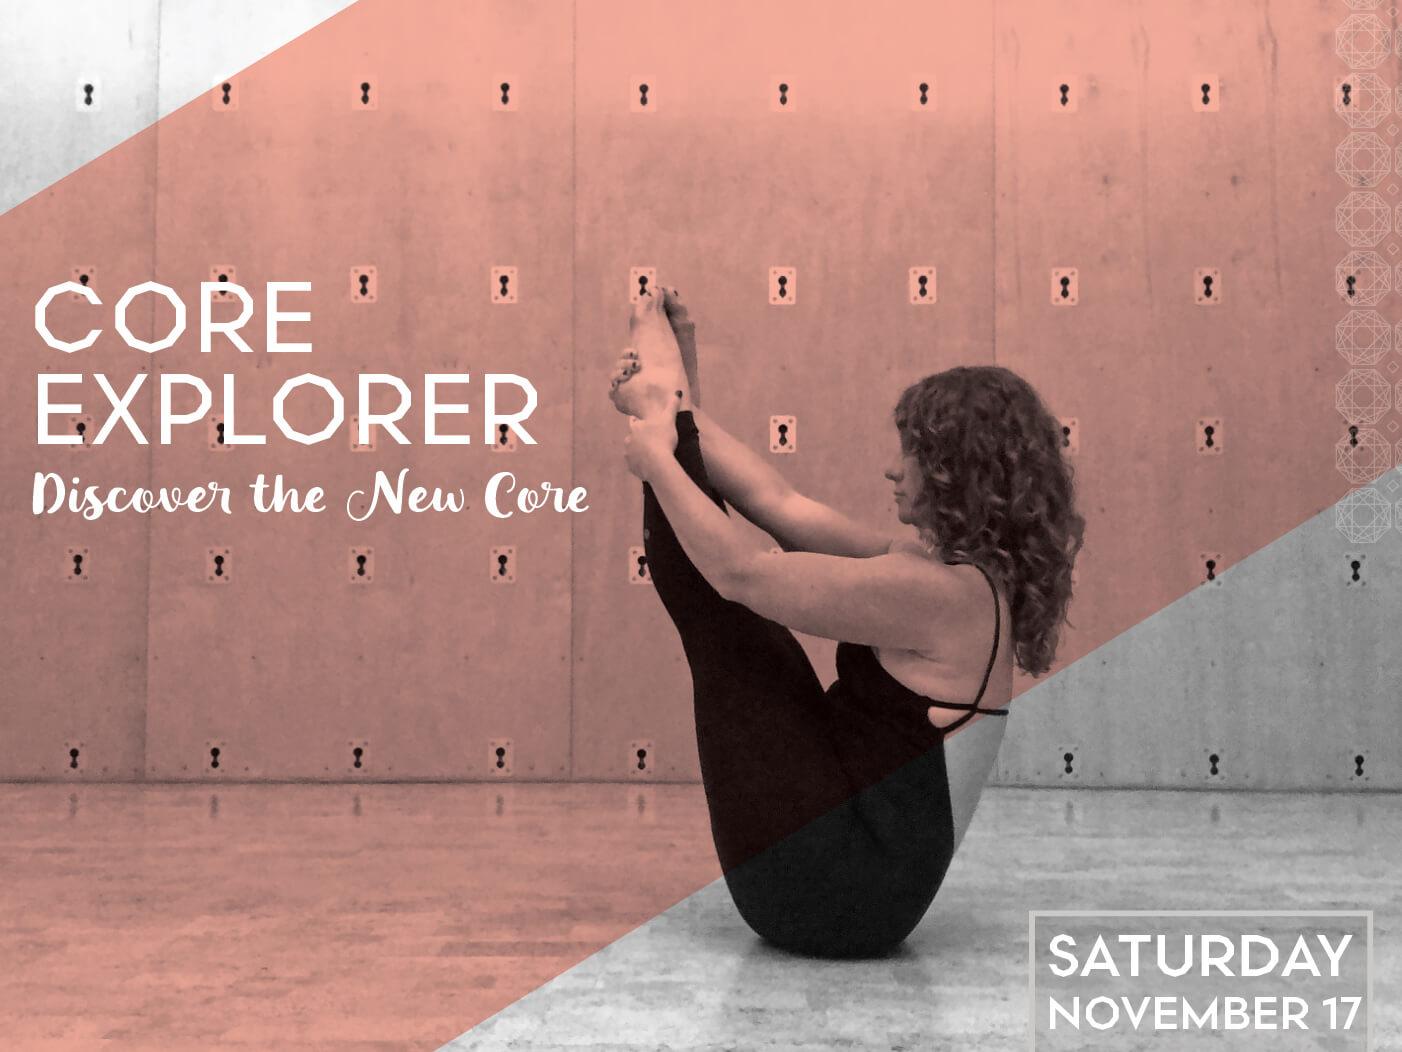 Core Explorer: Discover the New Core